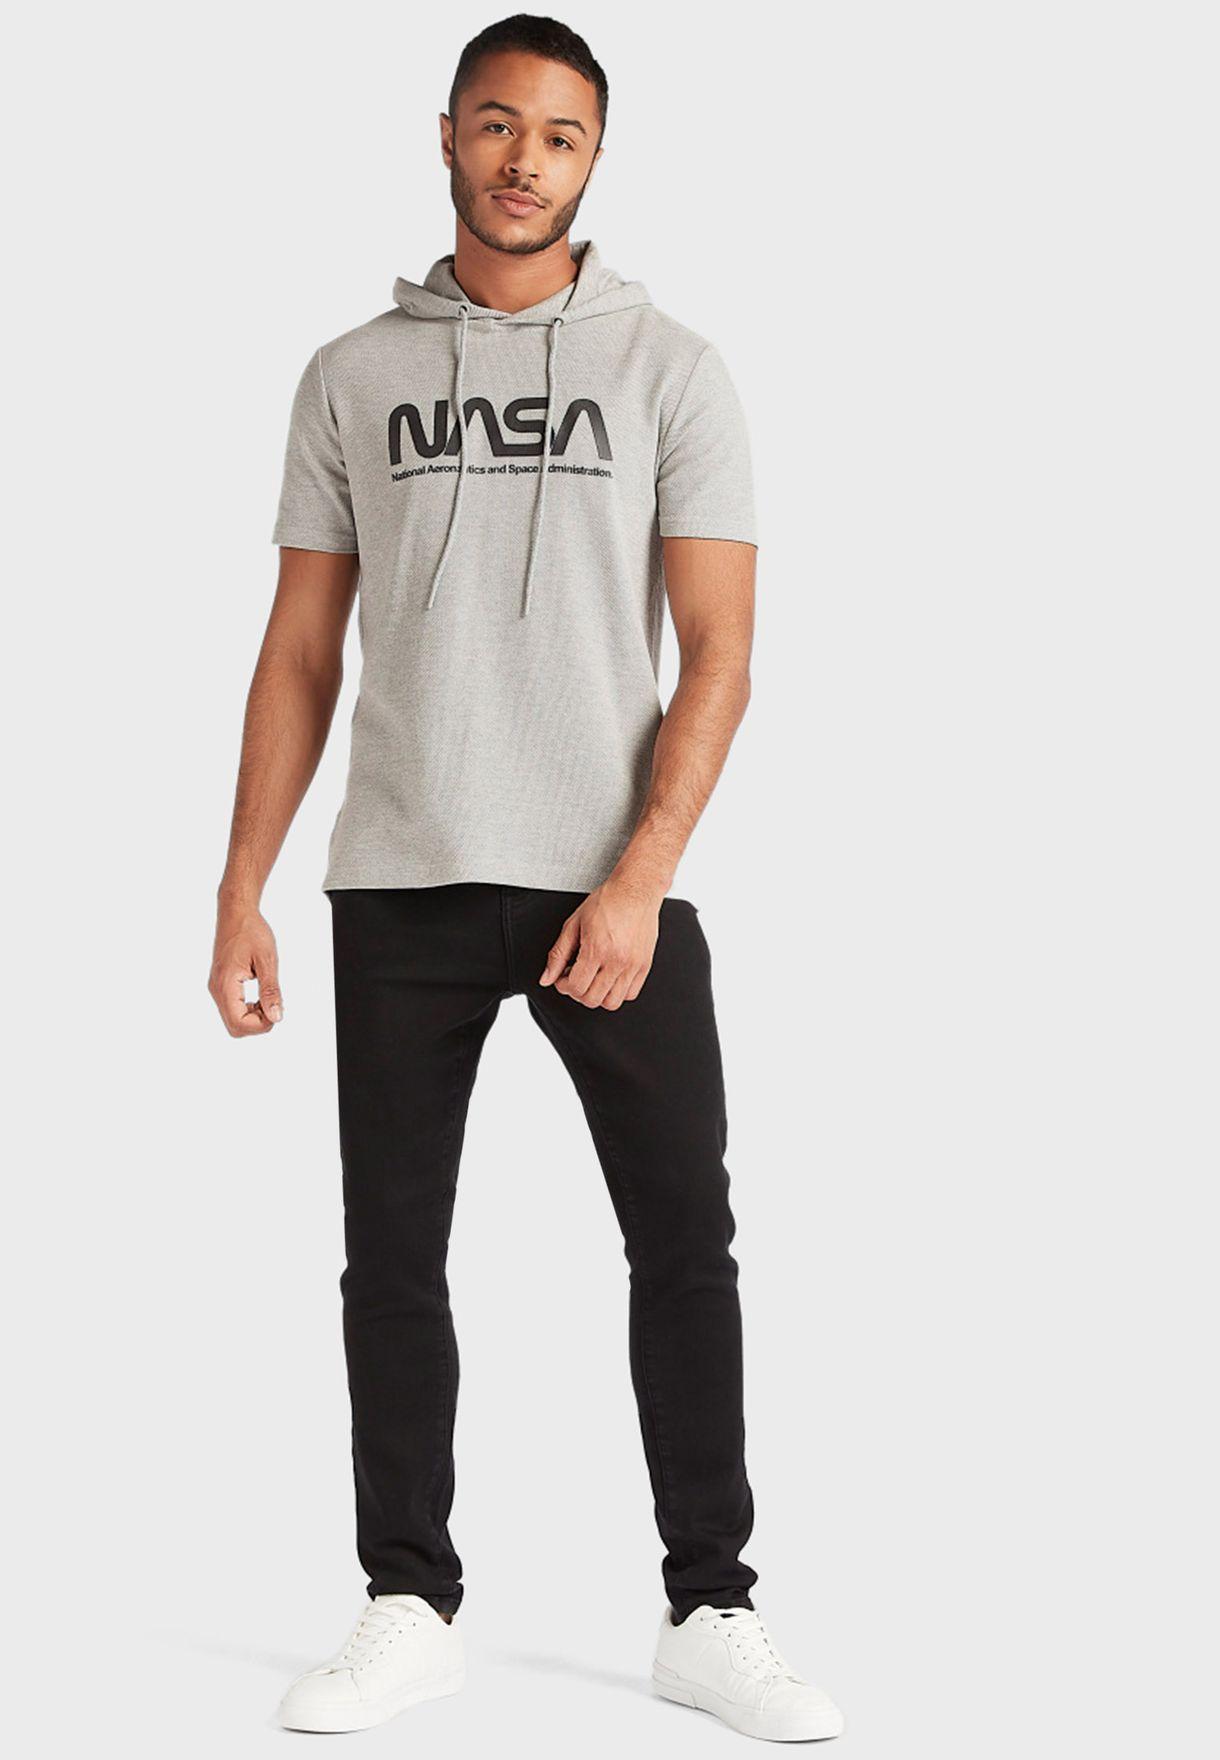 Nasa Hooded T-Shirt